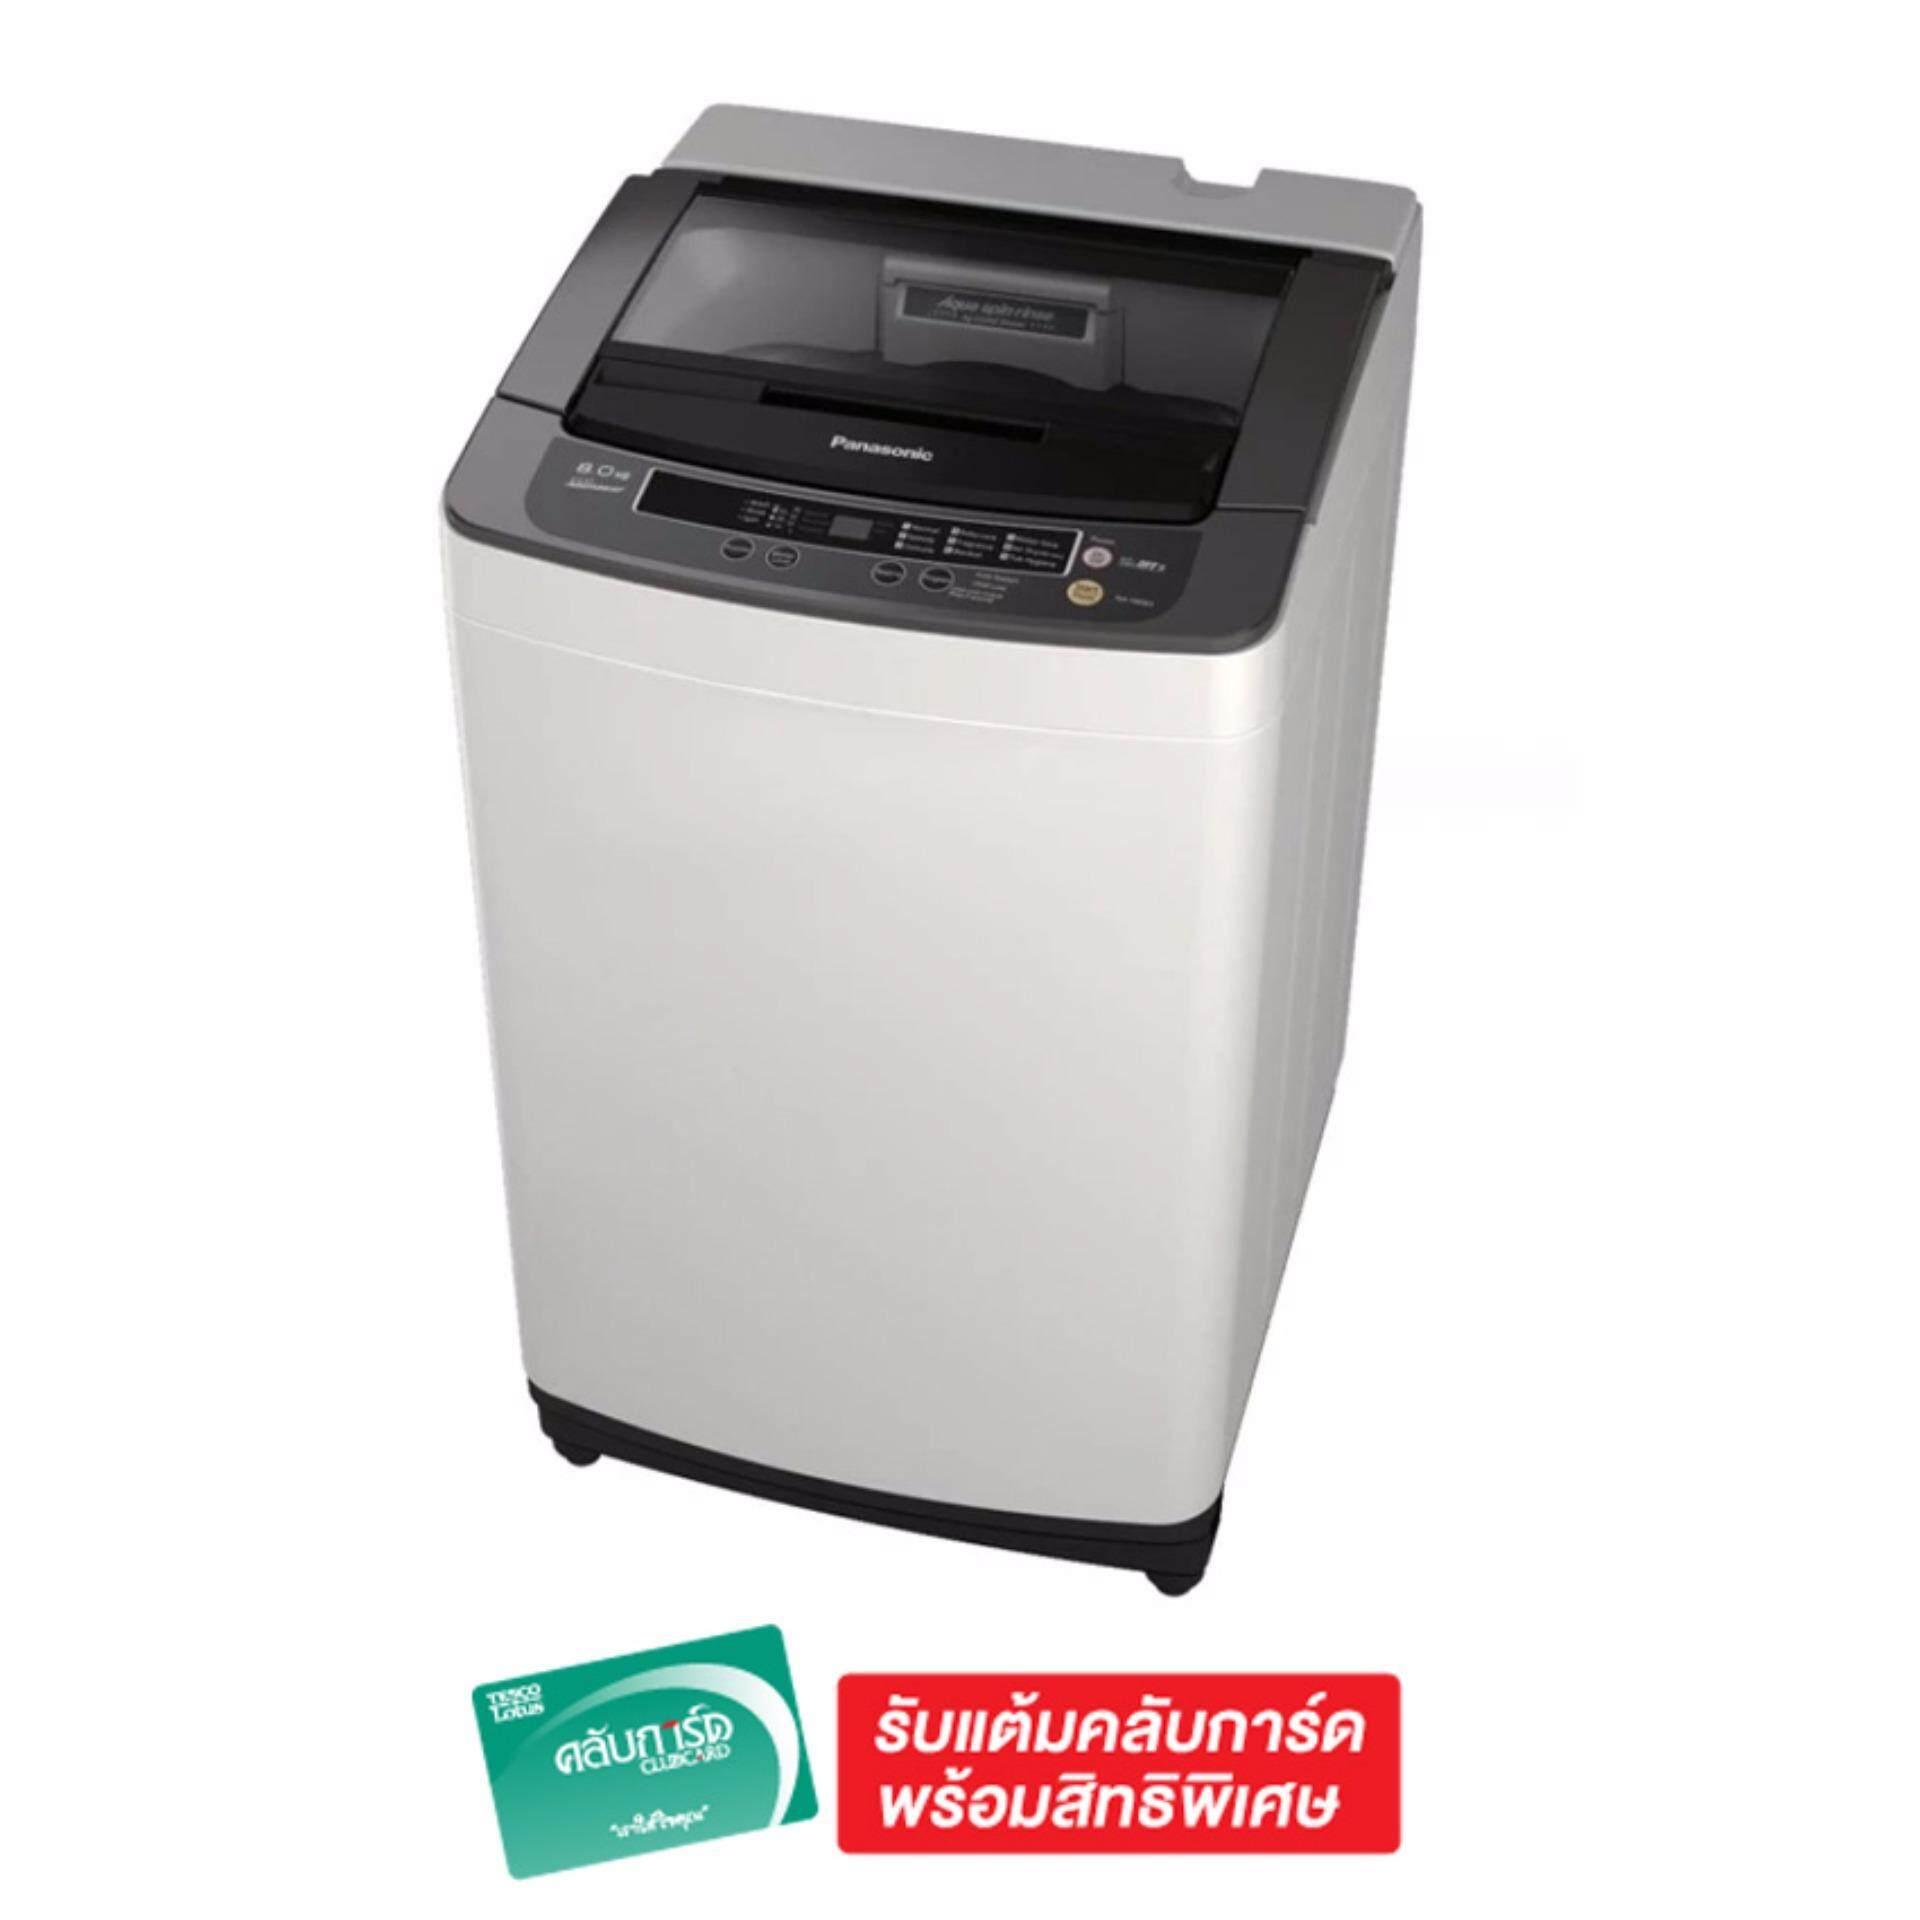 โปรโมชั่น ลดราคาส่งท้ายปี เครื่องซักผ้า LG Household & Health Care ลด -28% LG เครื่องซักผ้าฝาบน ขนาด 14 กก. รุ่น T2514VS2W เช็คราคาที่ดีที่สุด